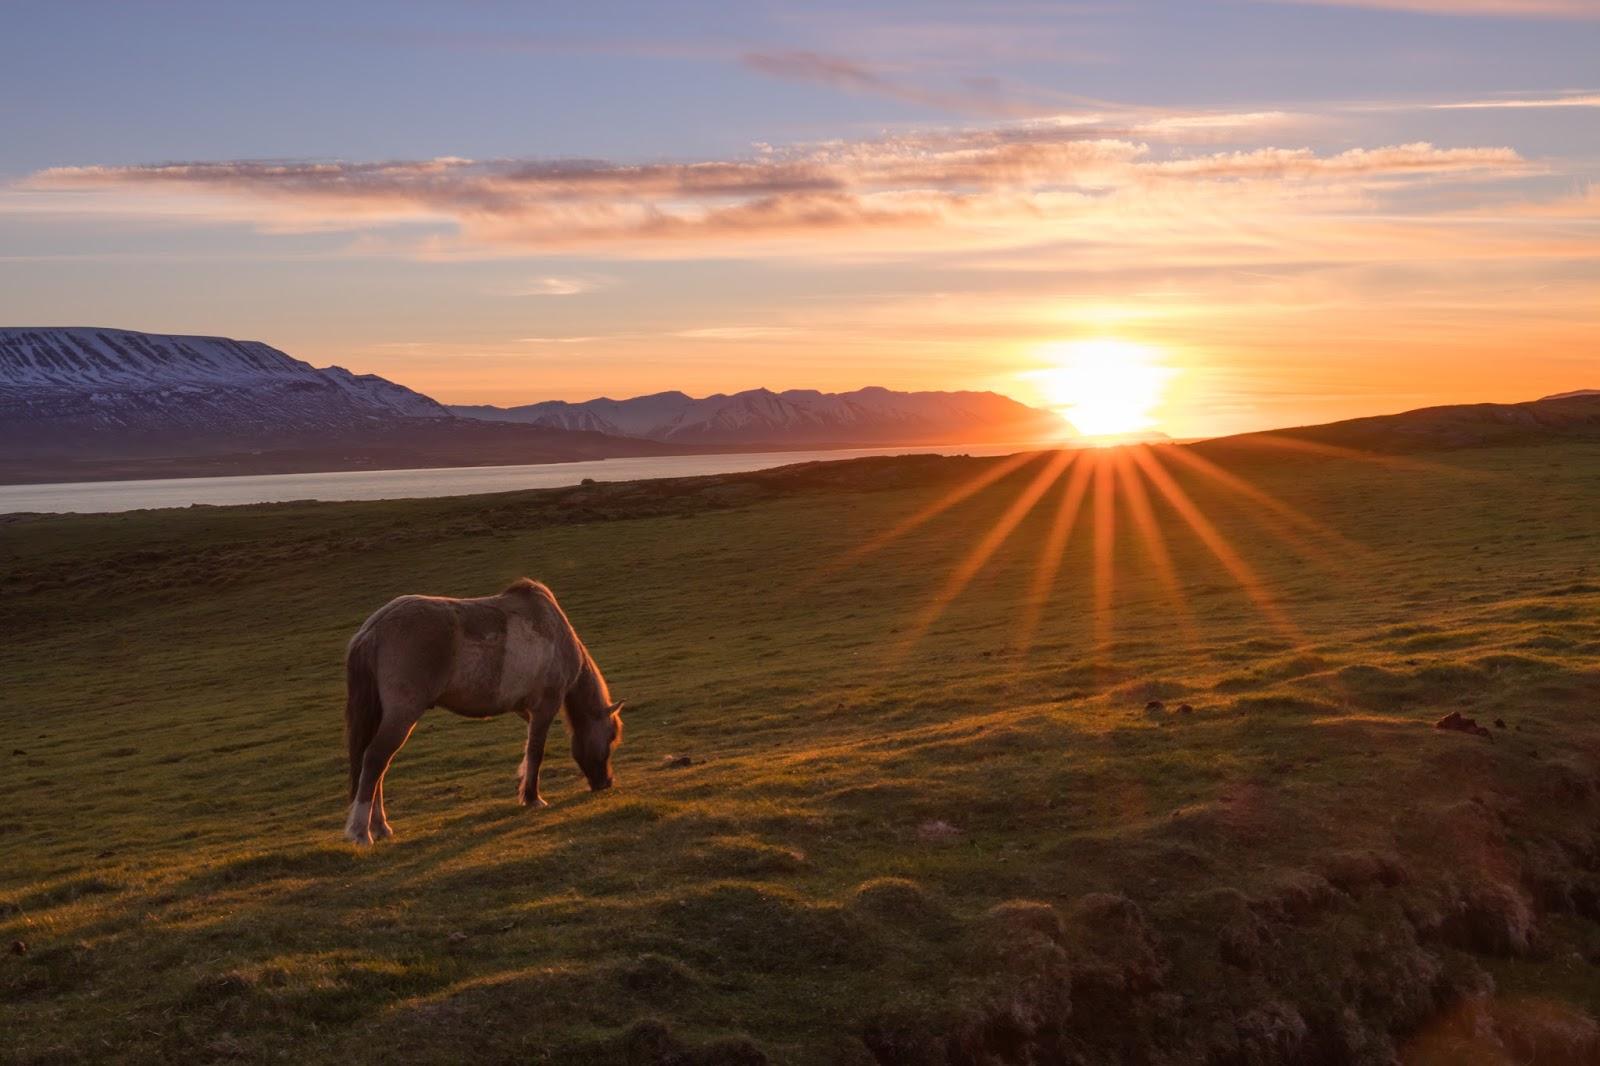 - Islandia 24 - Noticias y viajes a Islandia -: Sol de ...